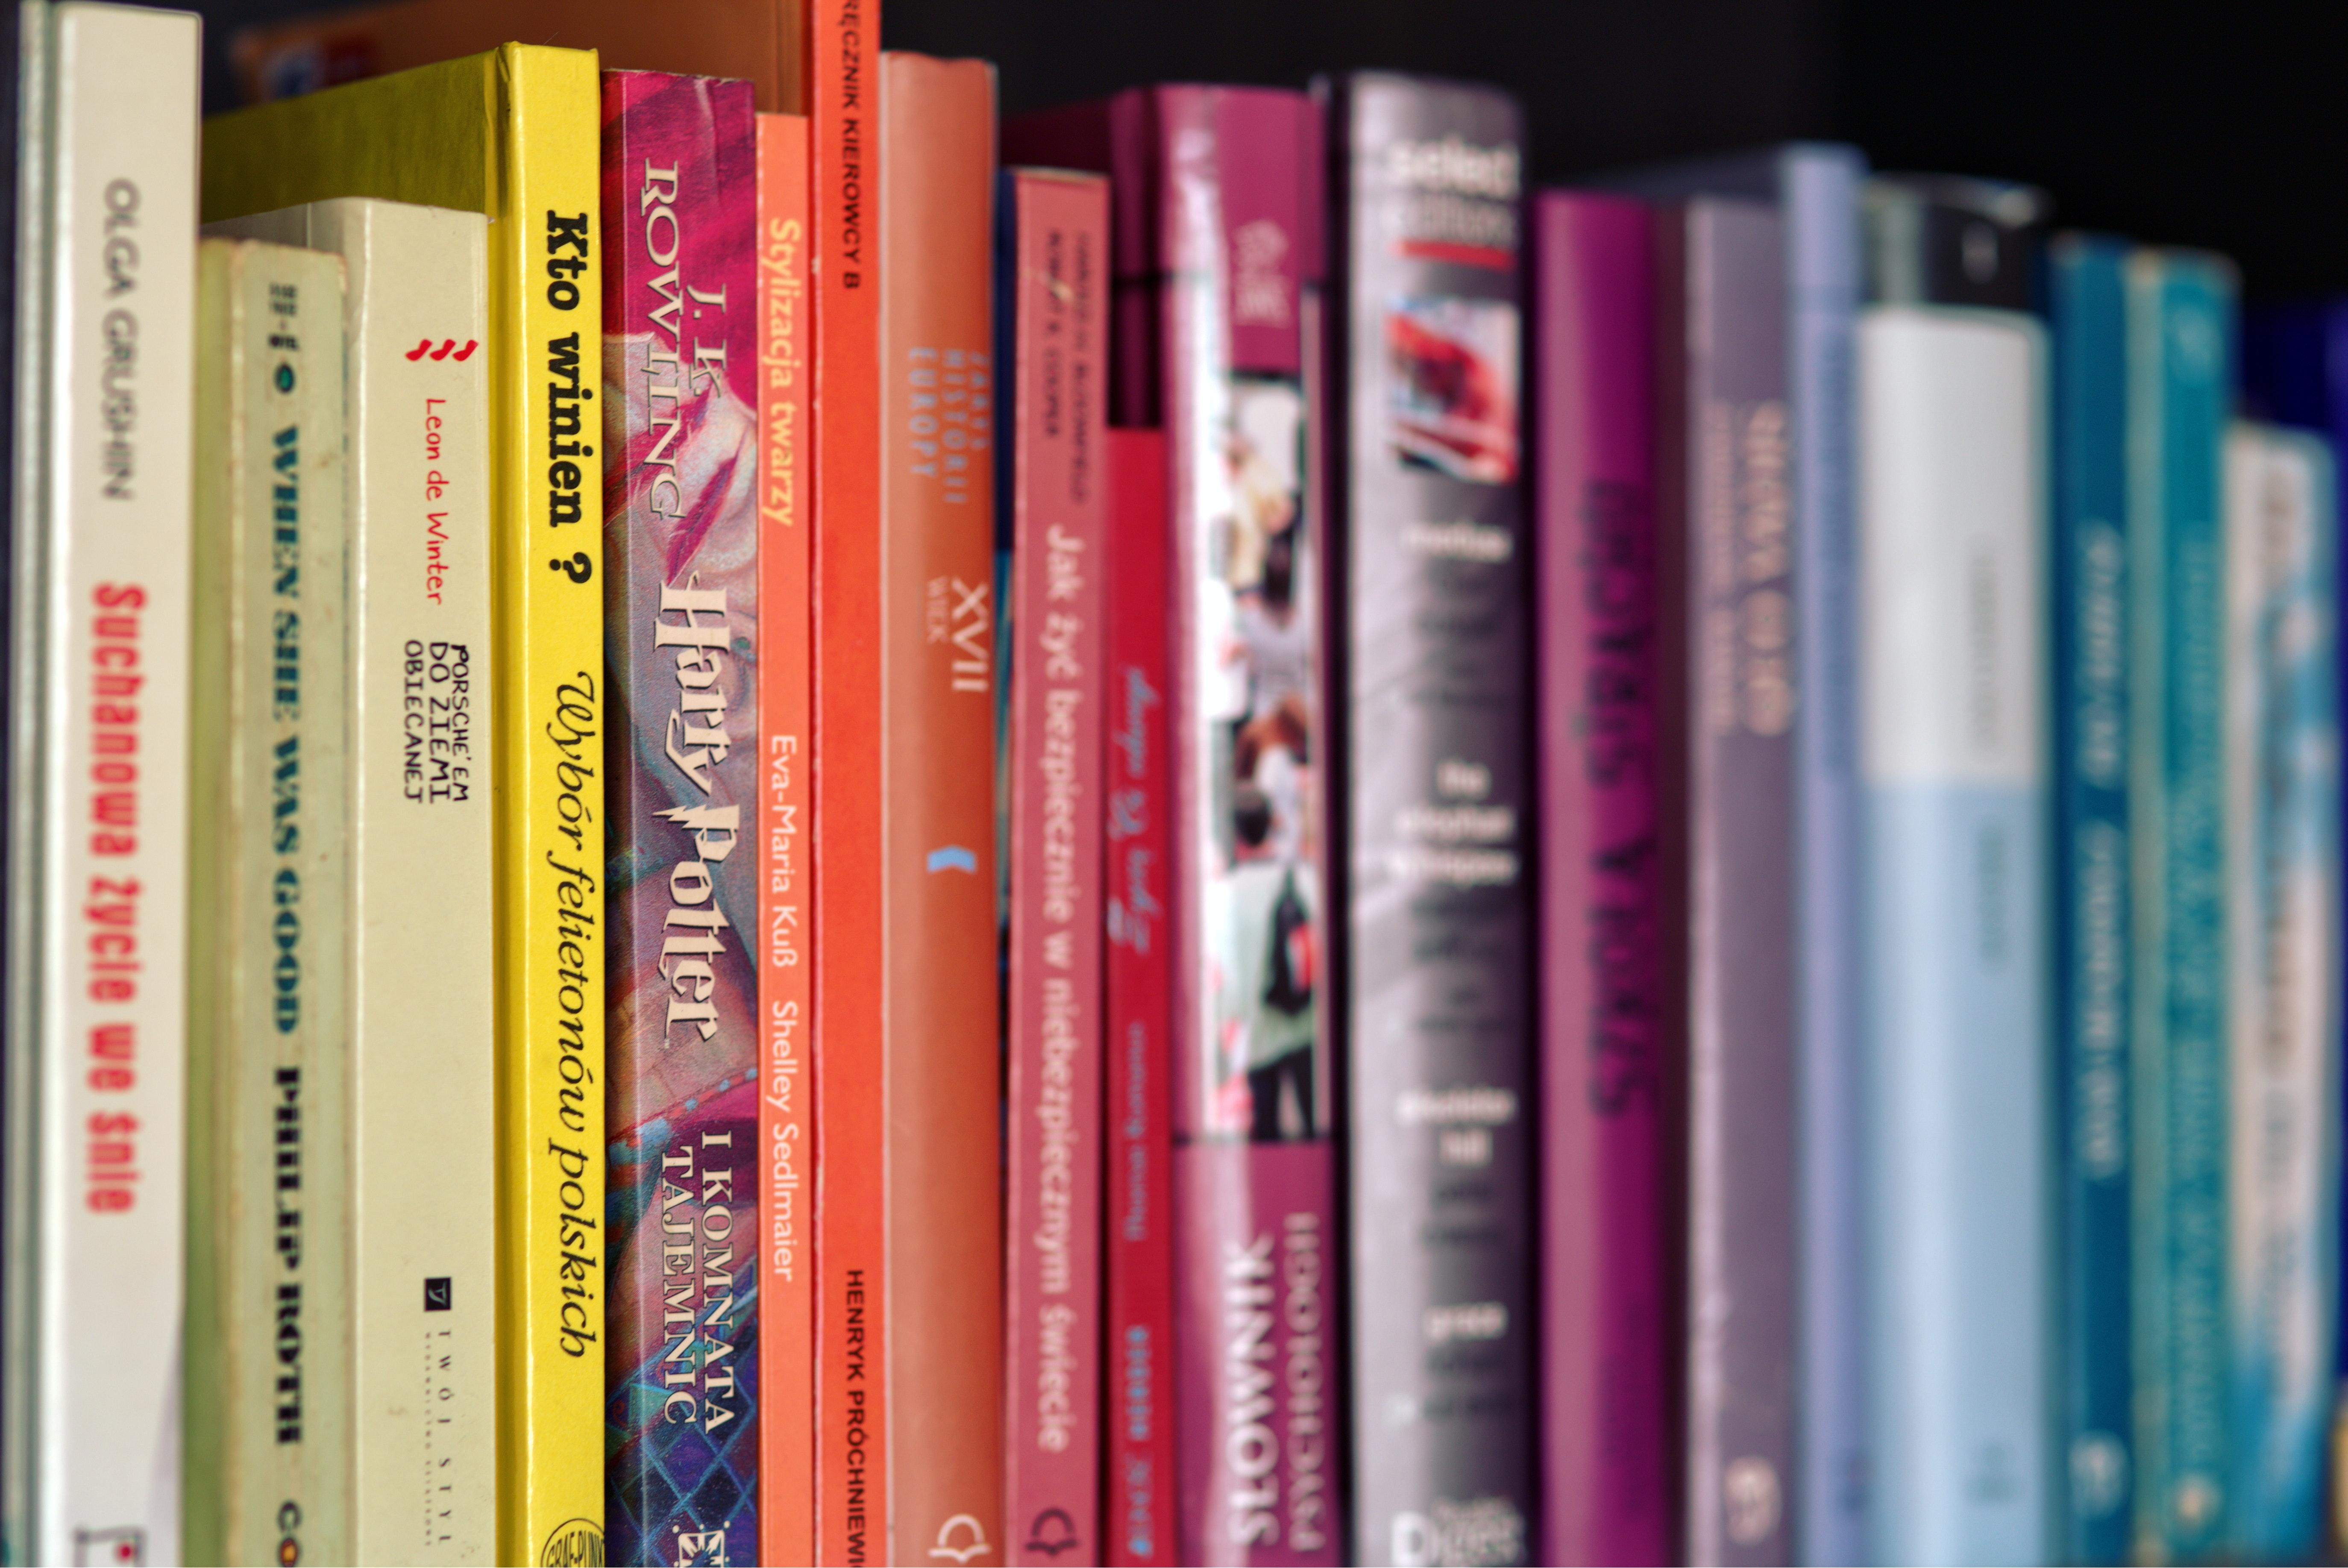 Boekenplank Met Boeken.Gratis Stockfoto Van Bibliotheek Boeken Boekenplank